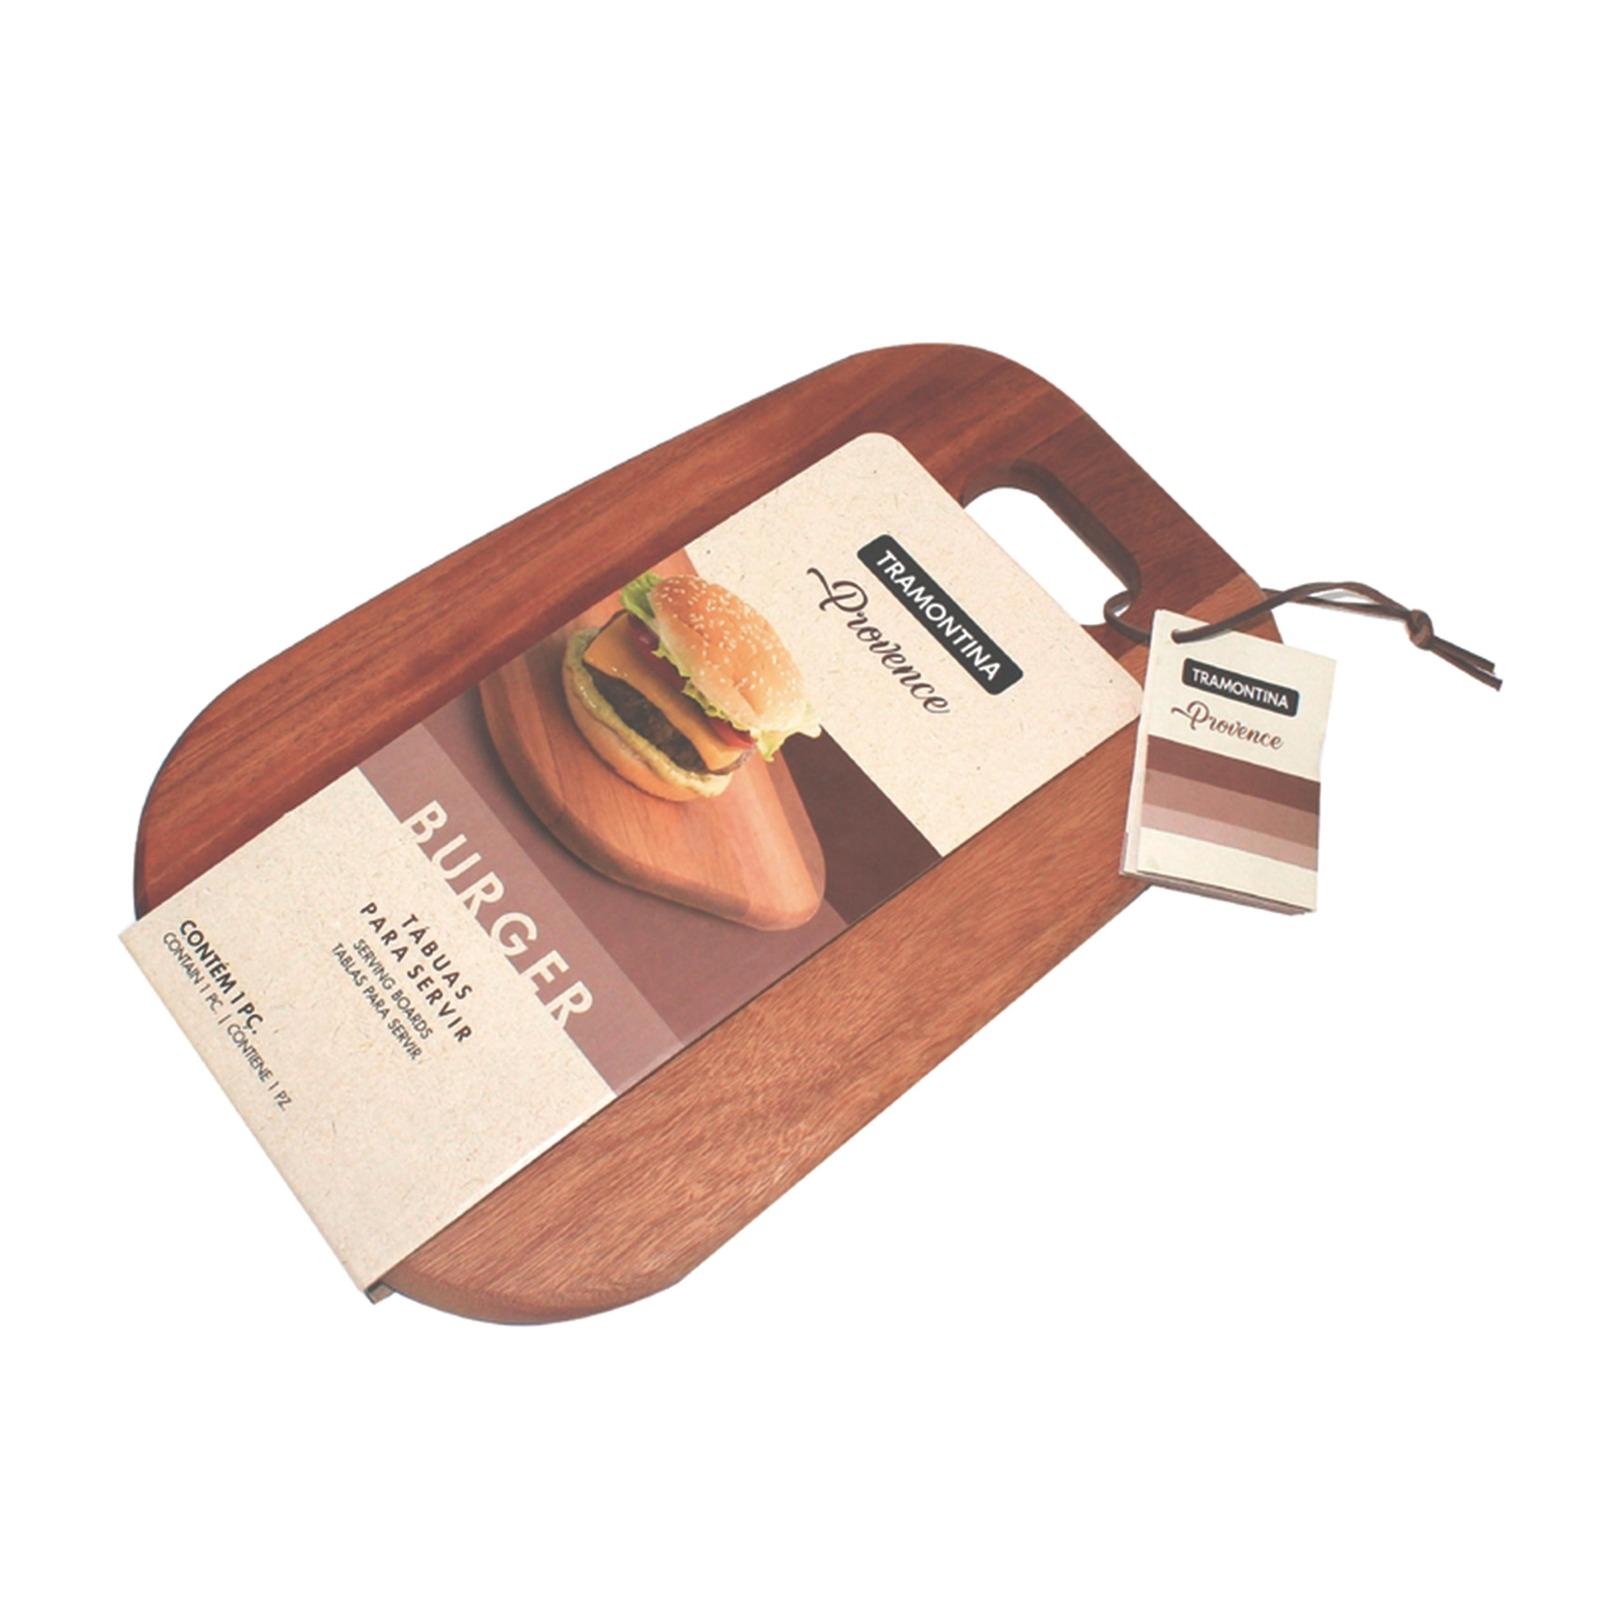 Tramontina Serving board (burguer) L34.0 x W23.0 x H1.5 cm